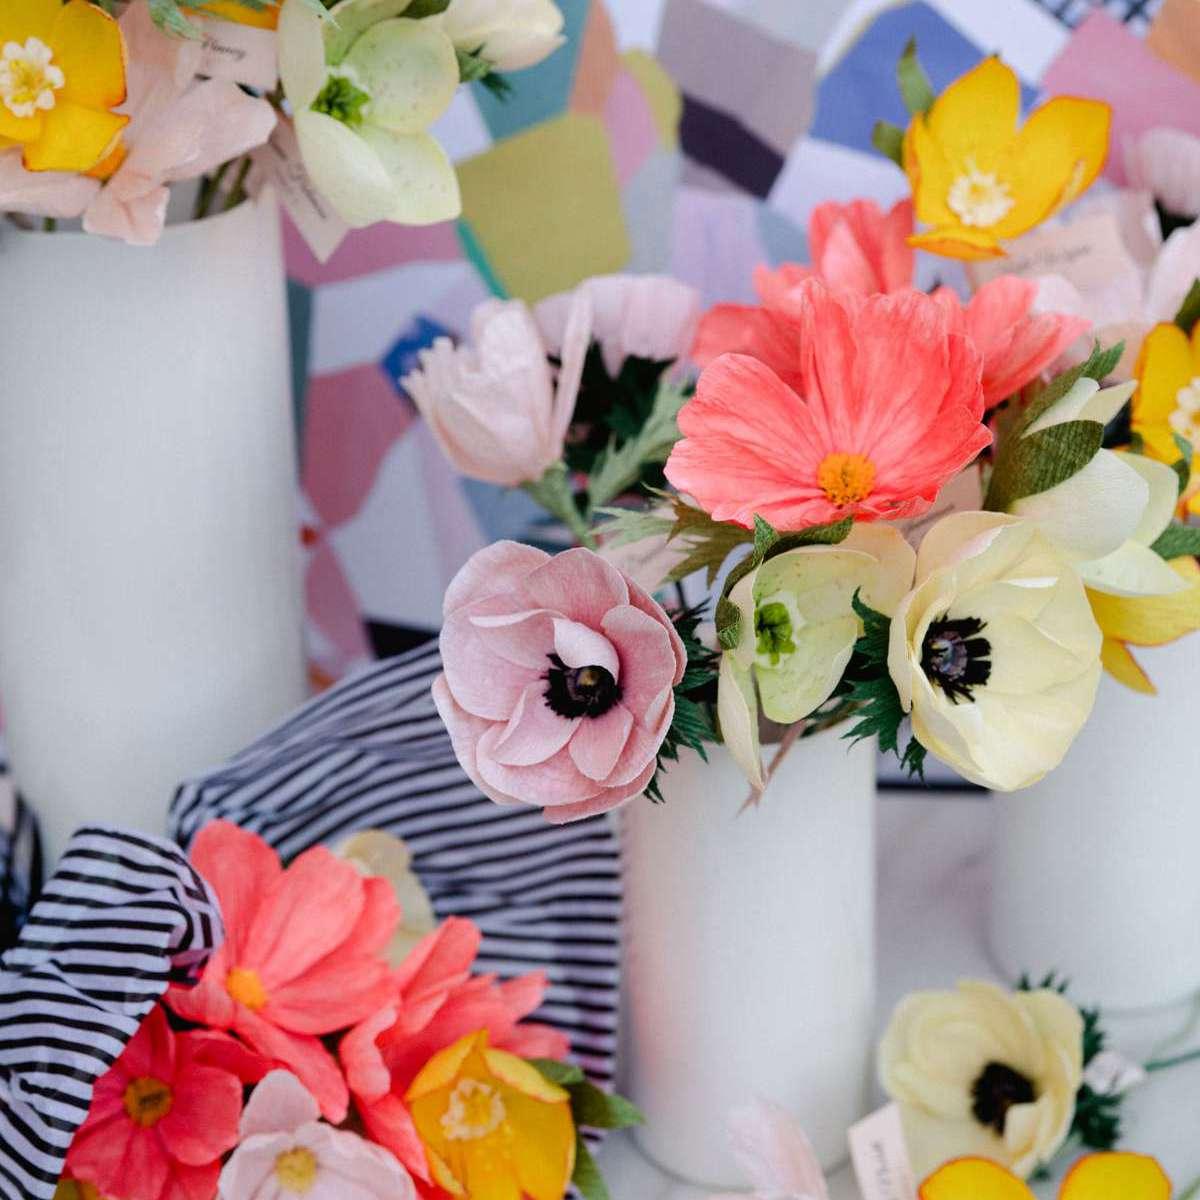 DIY paper flower wedding centerpiece